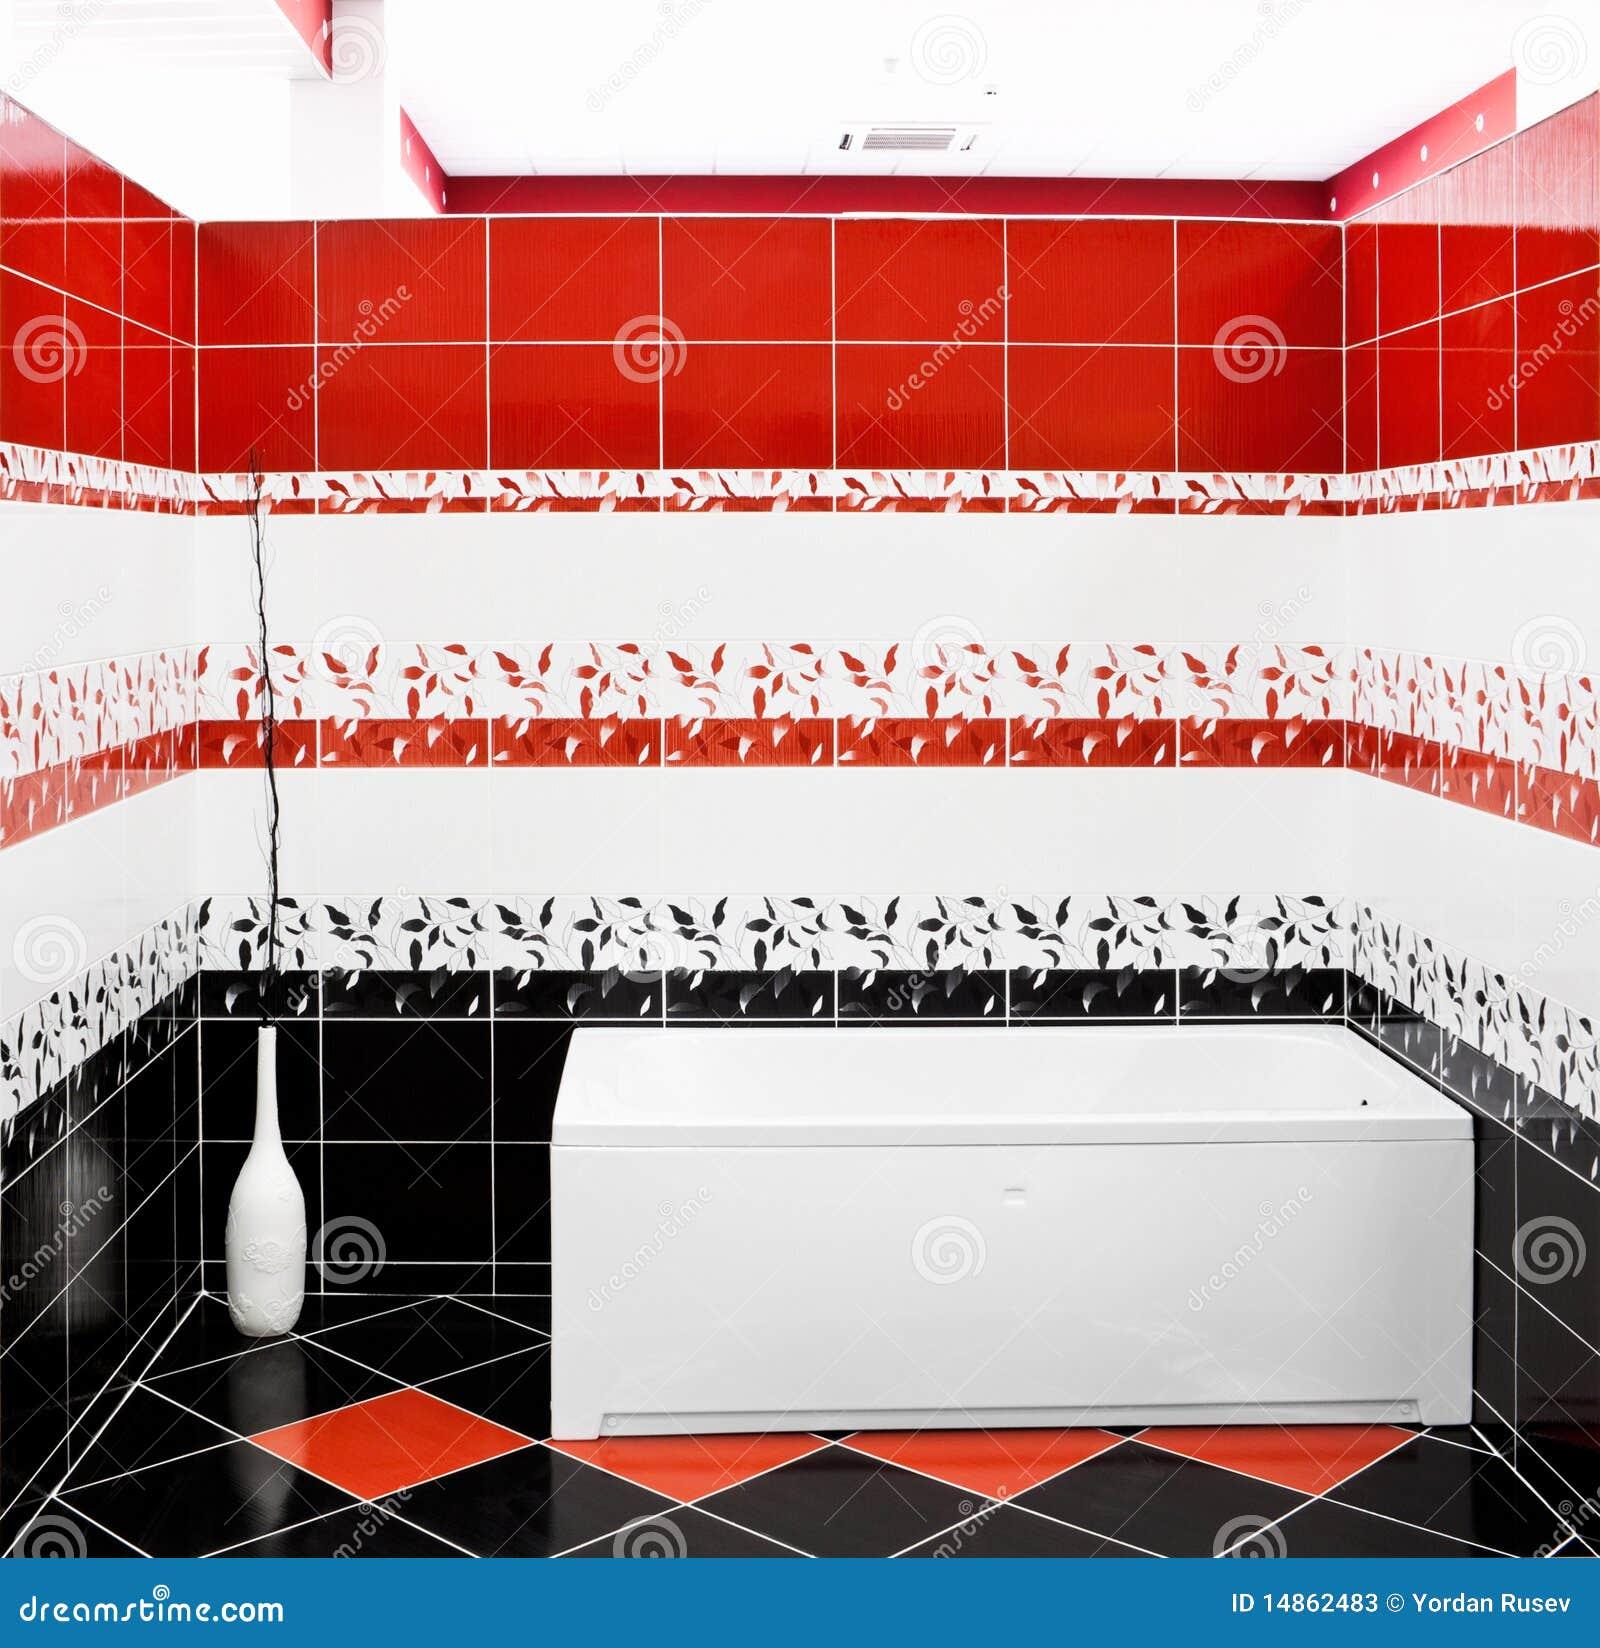 Banheiro Com Banheira Fotos de Stock Imagem: 14862483 #BB1E10 1300x1356 Banheiro Com Banheira De Alvenaria